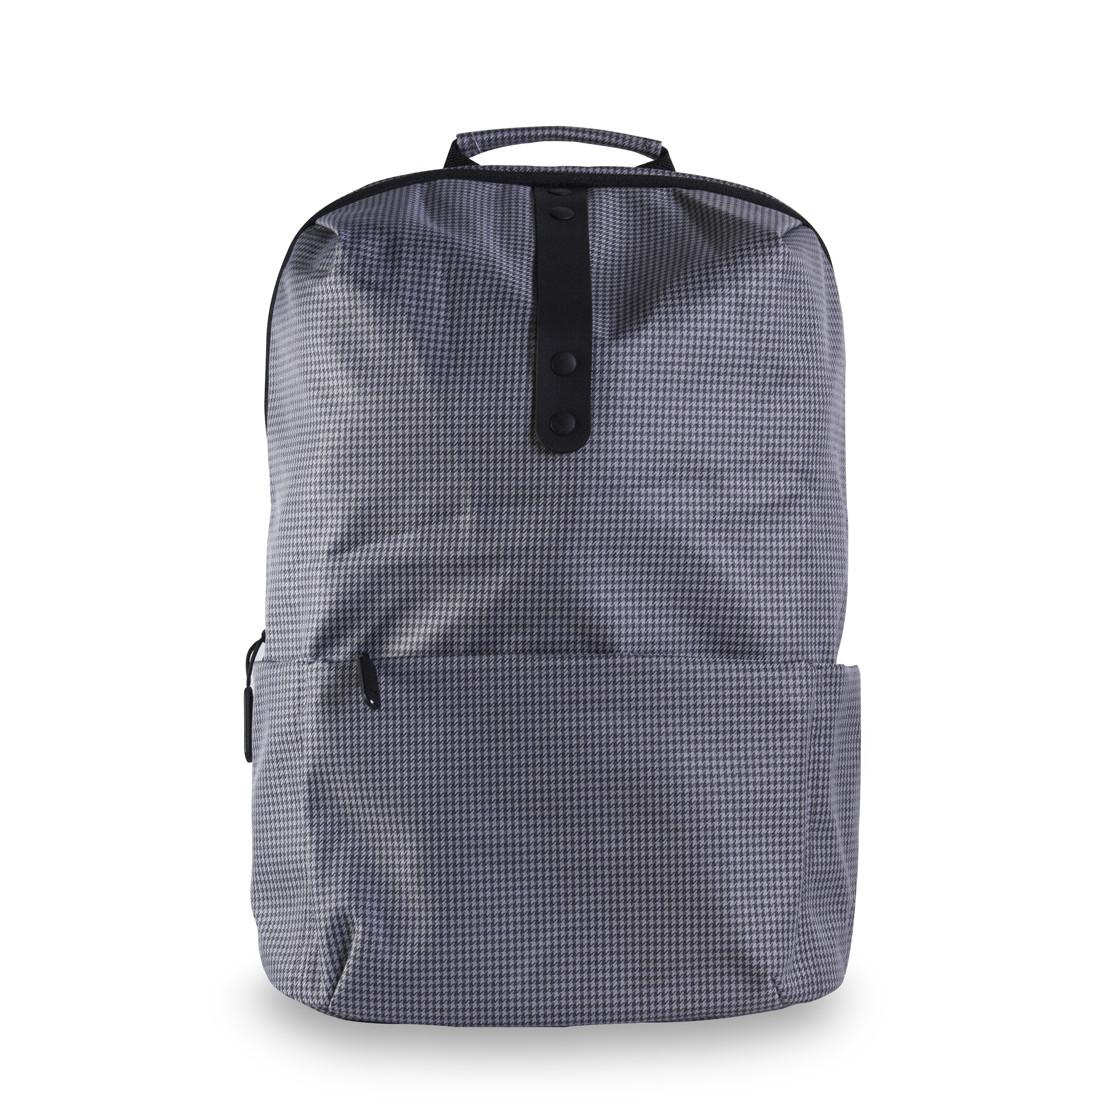 Рюкзак Xiaomi College Leisure Shoulder Bag, Серый